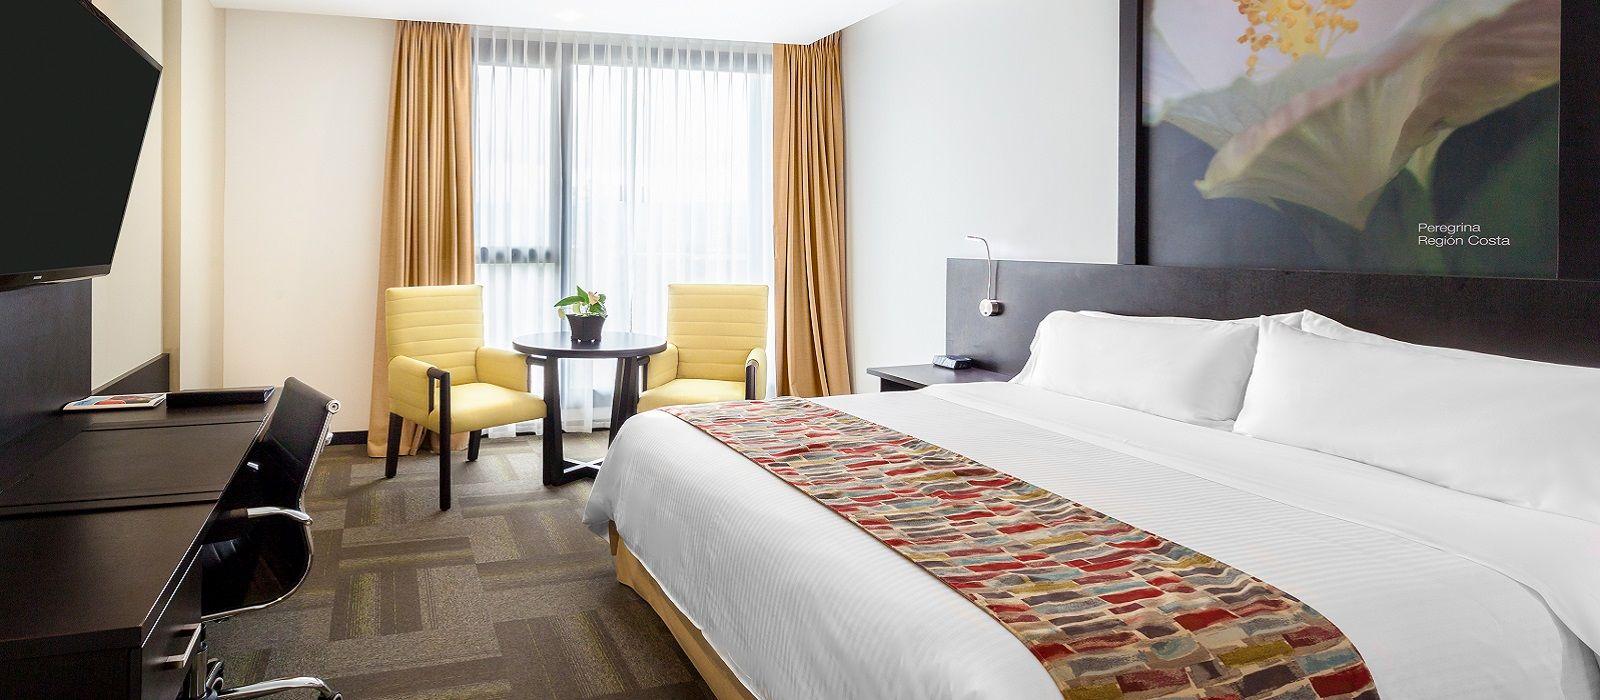 Wyndham quito airport hotel in ecuador galapagos for Design hotel quito